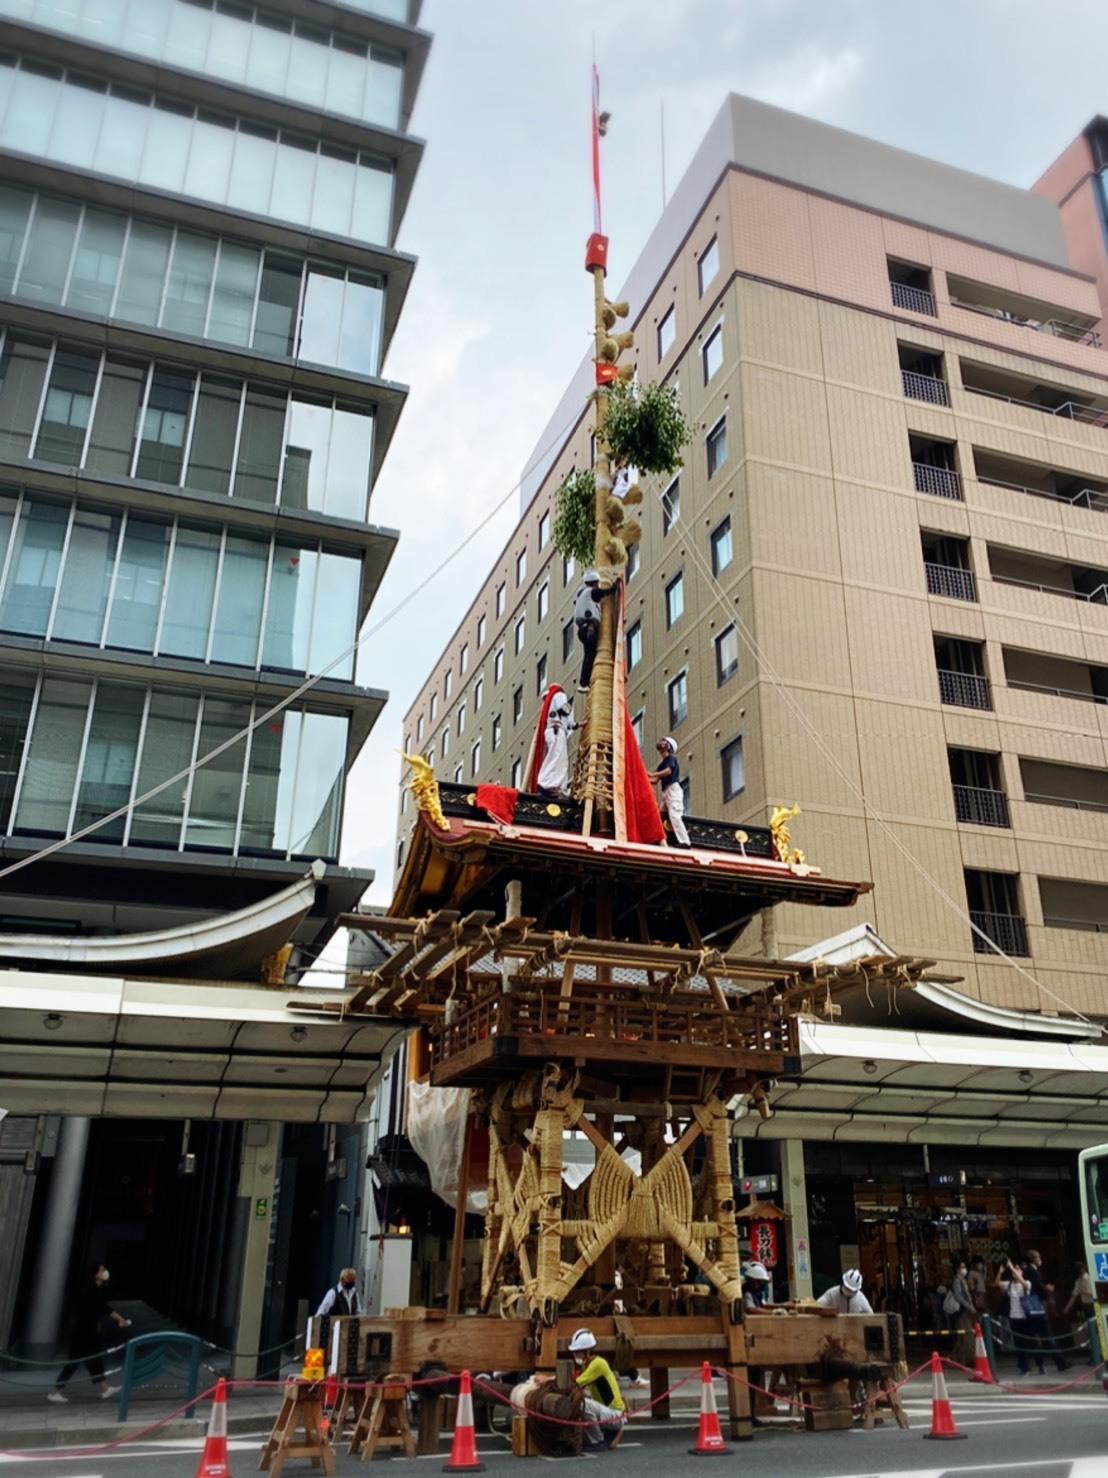 今年も祇園祭は中止ですが、ニコリニコリーは出店しておりますよー❗️_a0129631_10134138.jpg